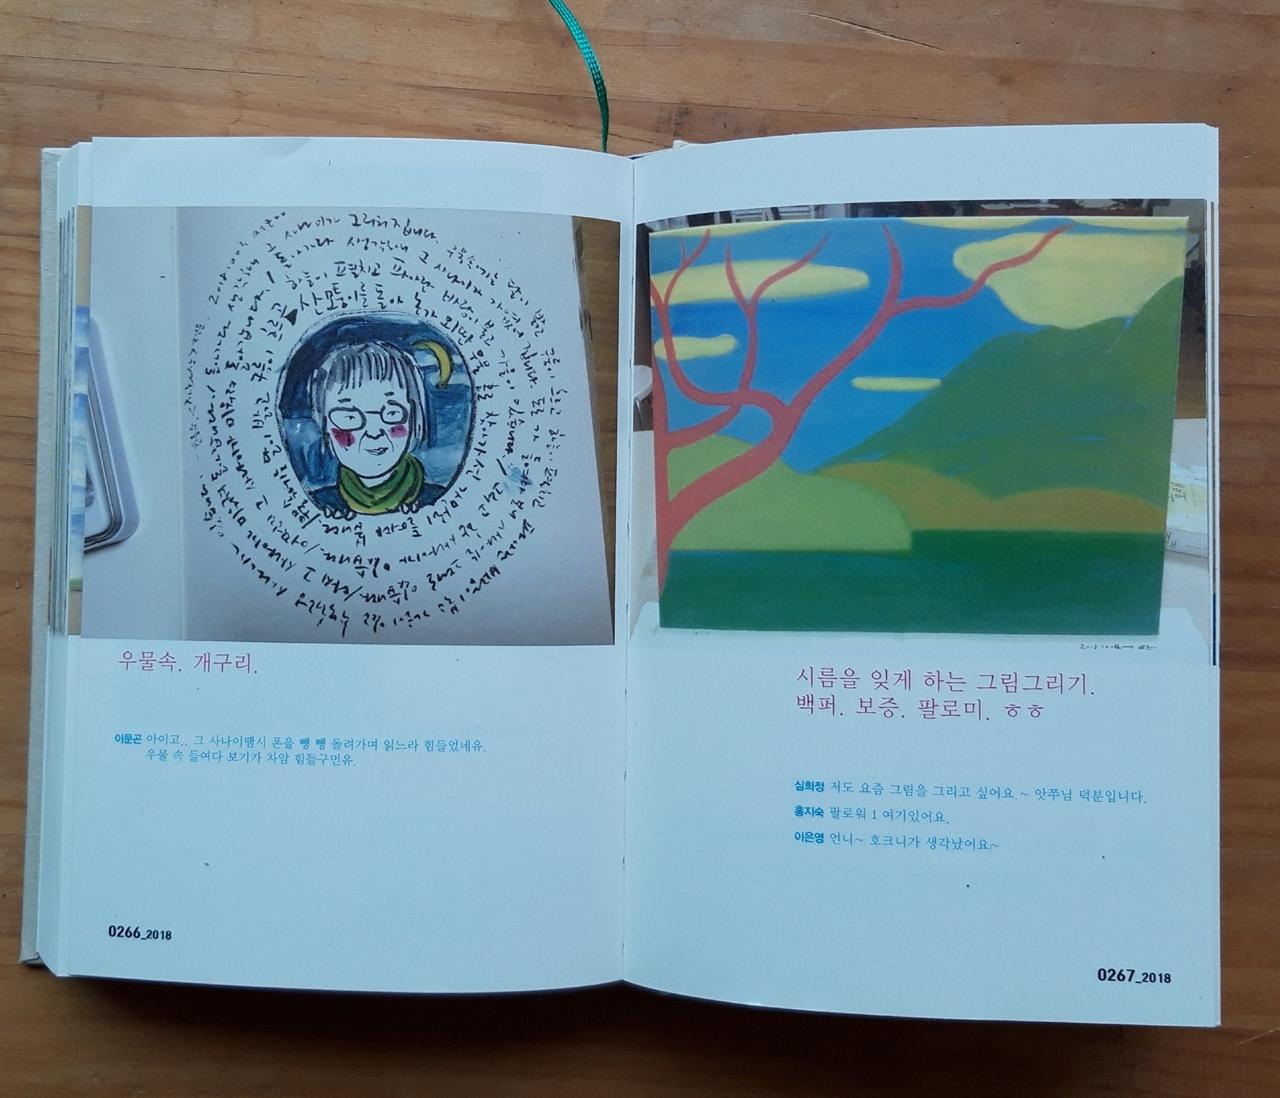 시름을 잊게하는 그림그리기 책에서 볼수 있는 365개의 그림중 266, 267번째 그림.